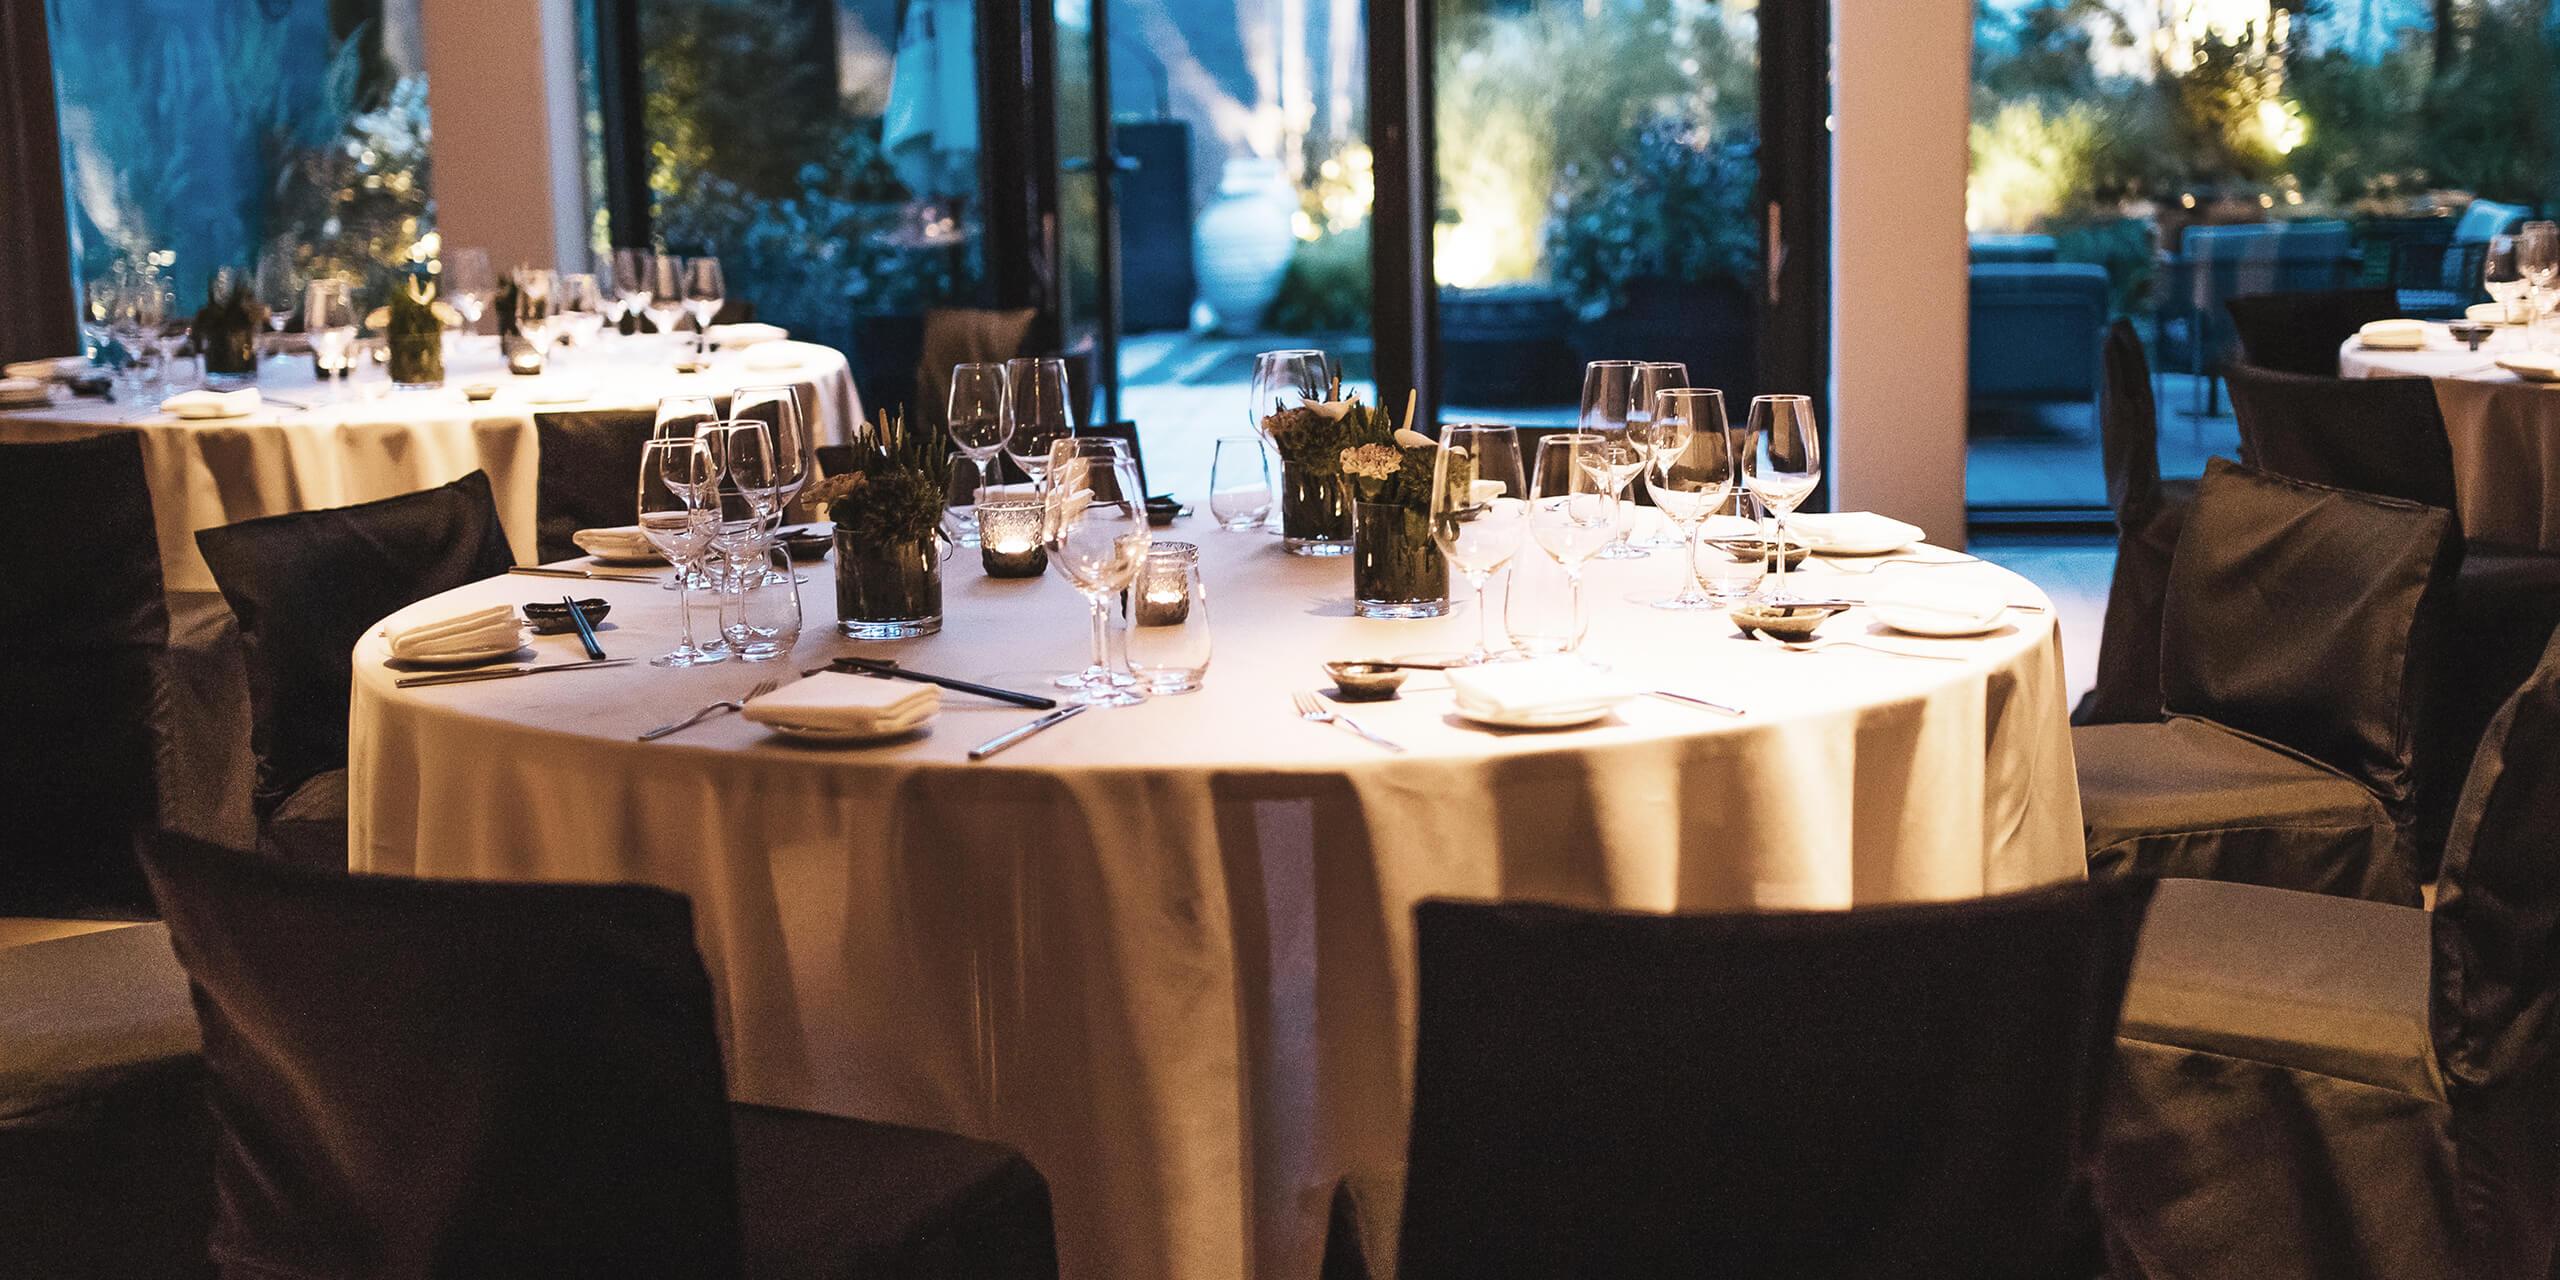 Roomers Baden-Baden Wedding Eventroom